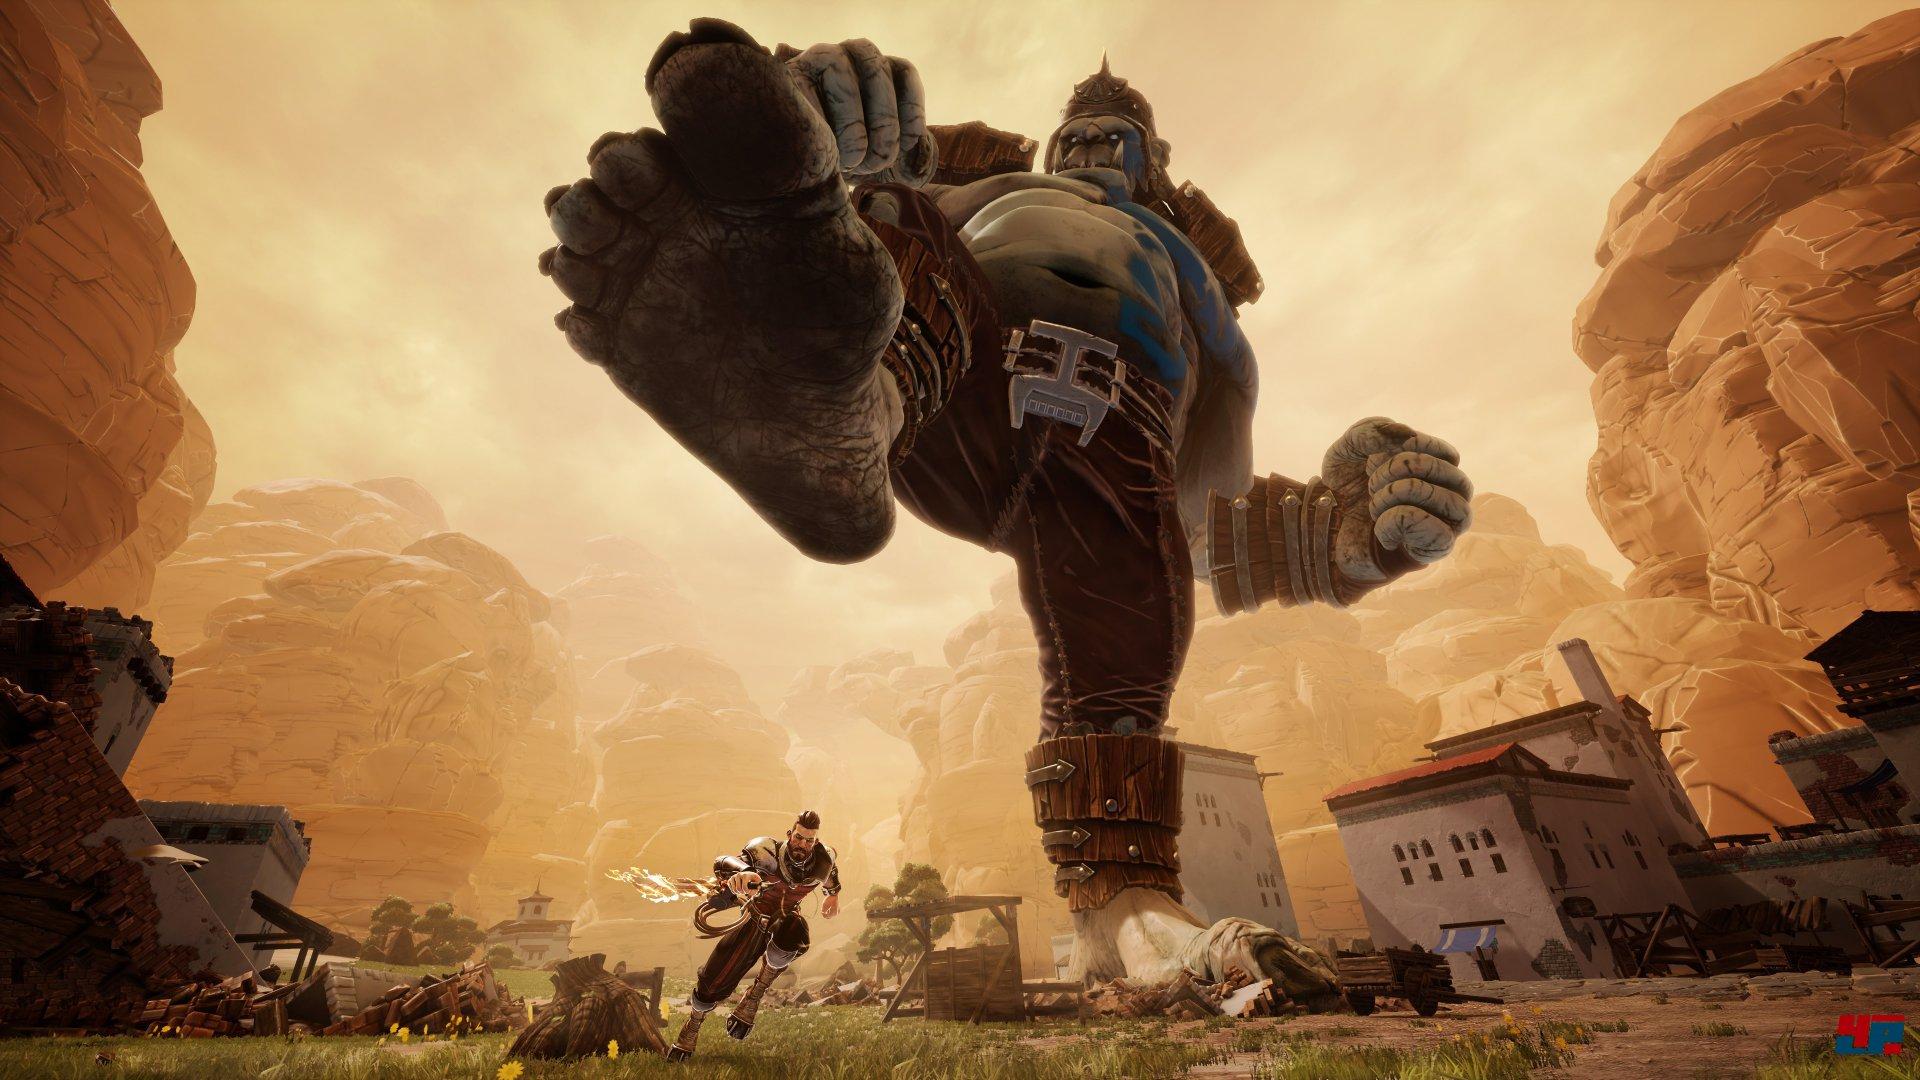 Extinction: Entwicklerstudio von Killer Instinct arbeitet an neuem Spiel